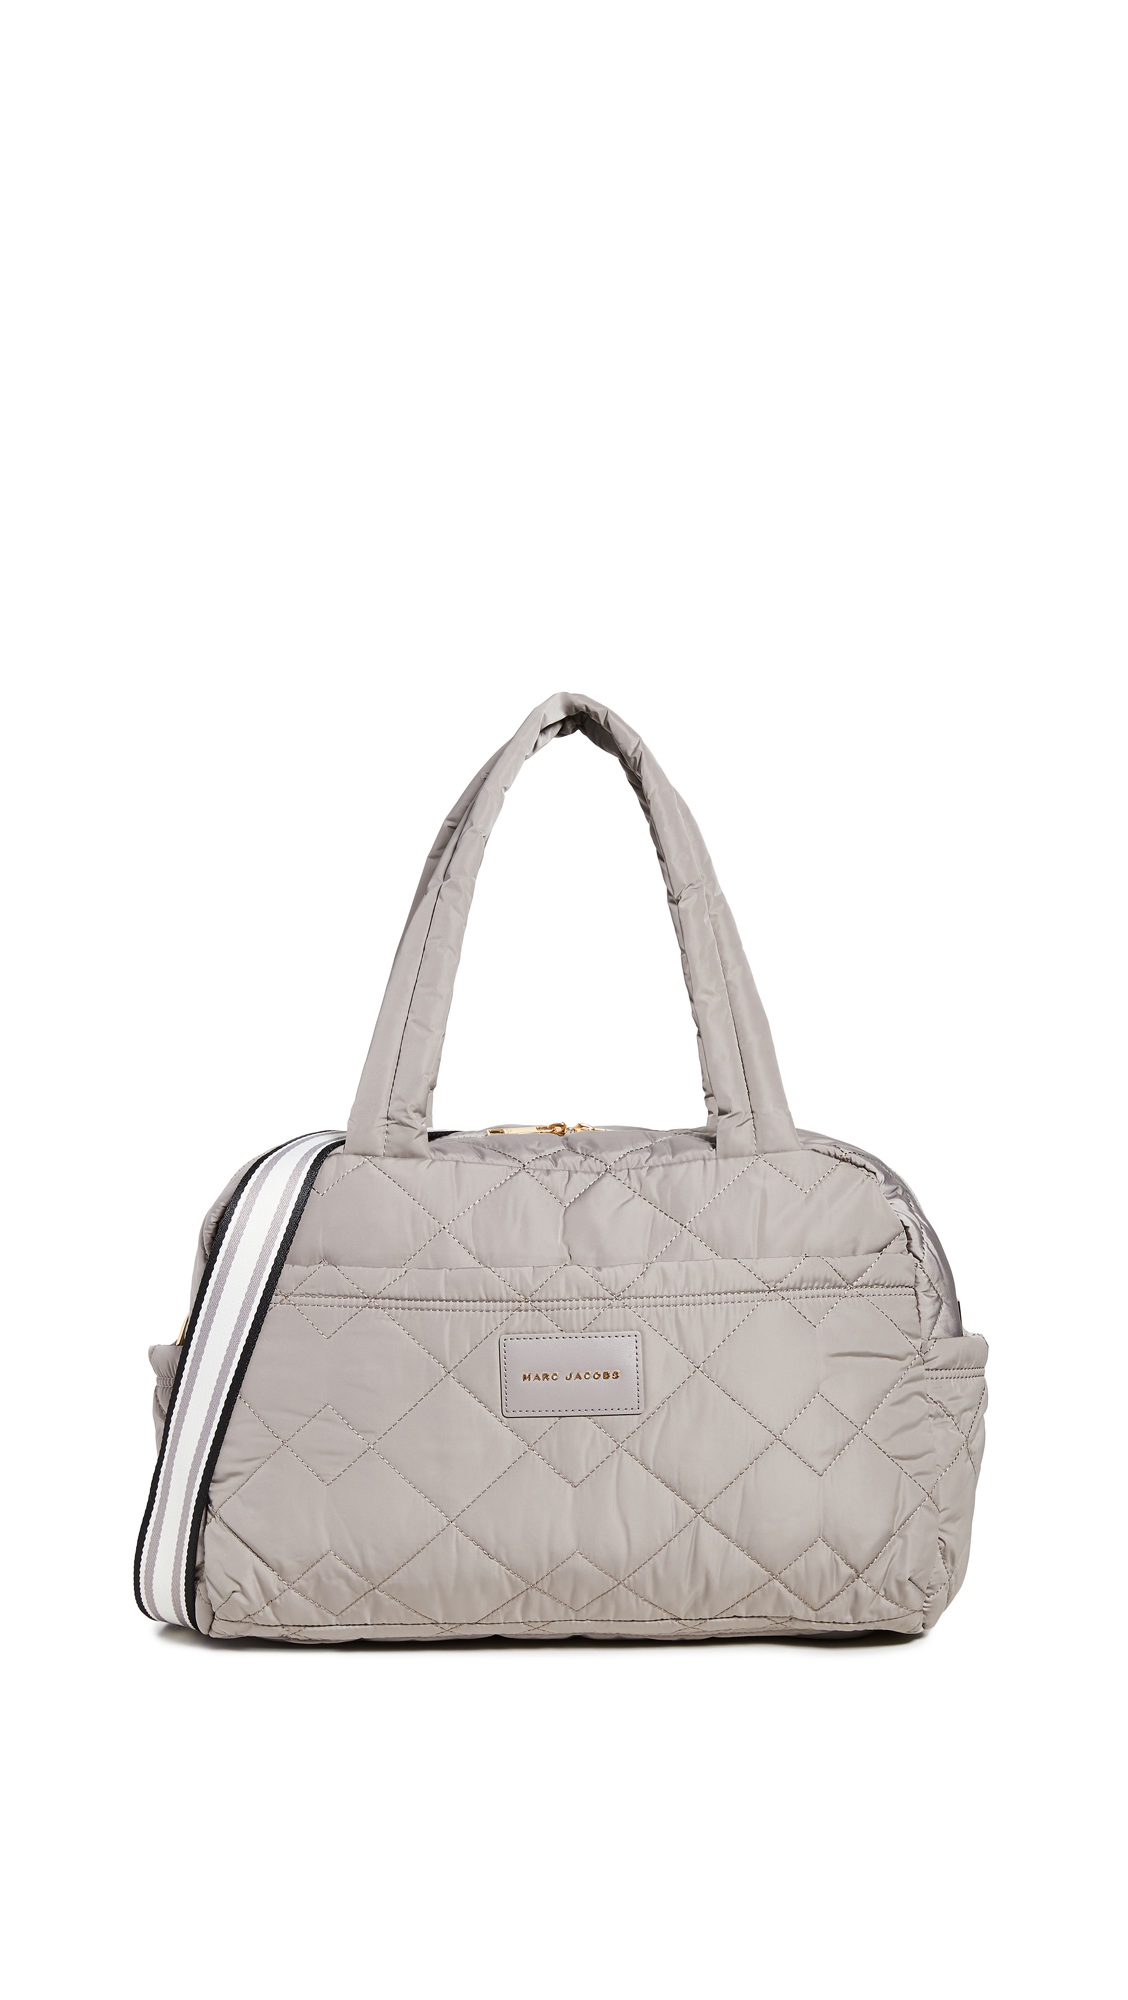 The Marc Jacobs Medium Weekender Duffle Bag